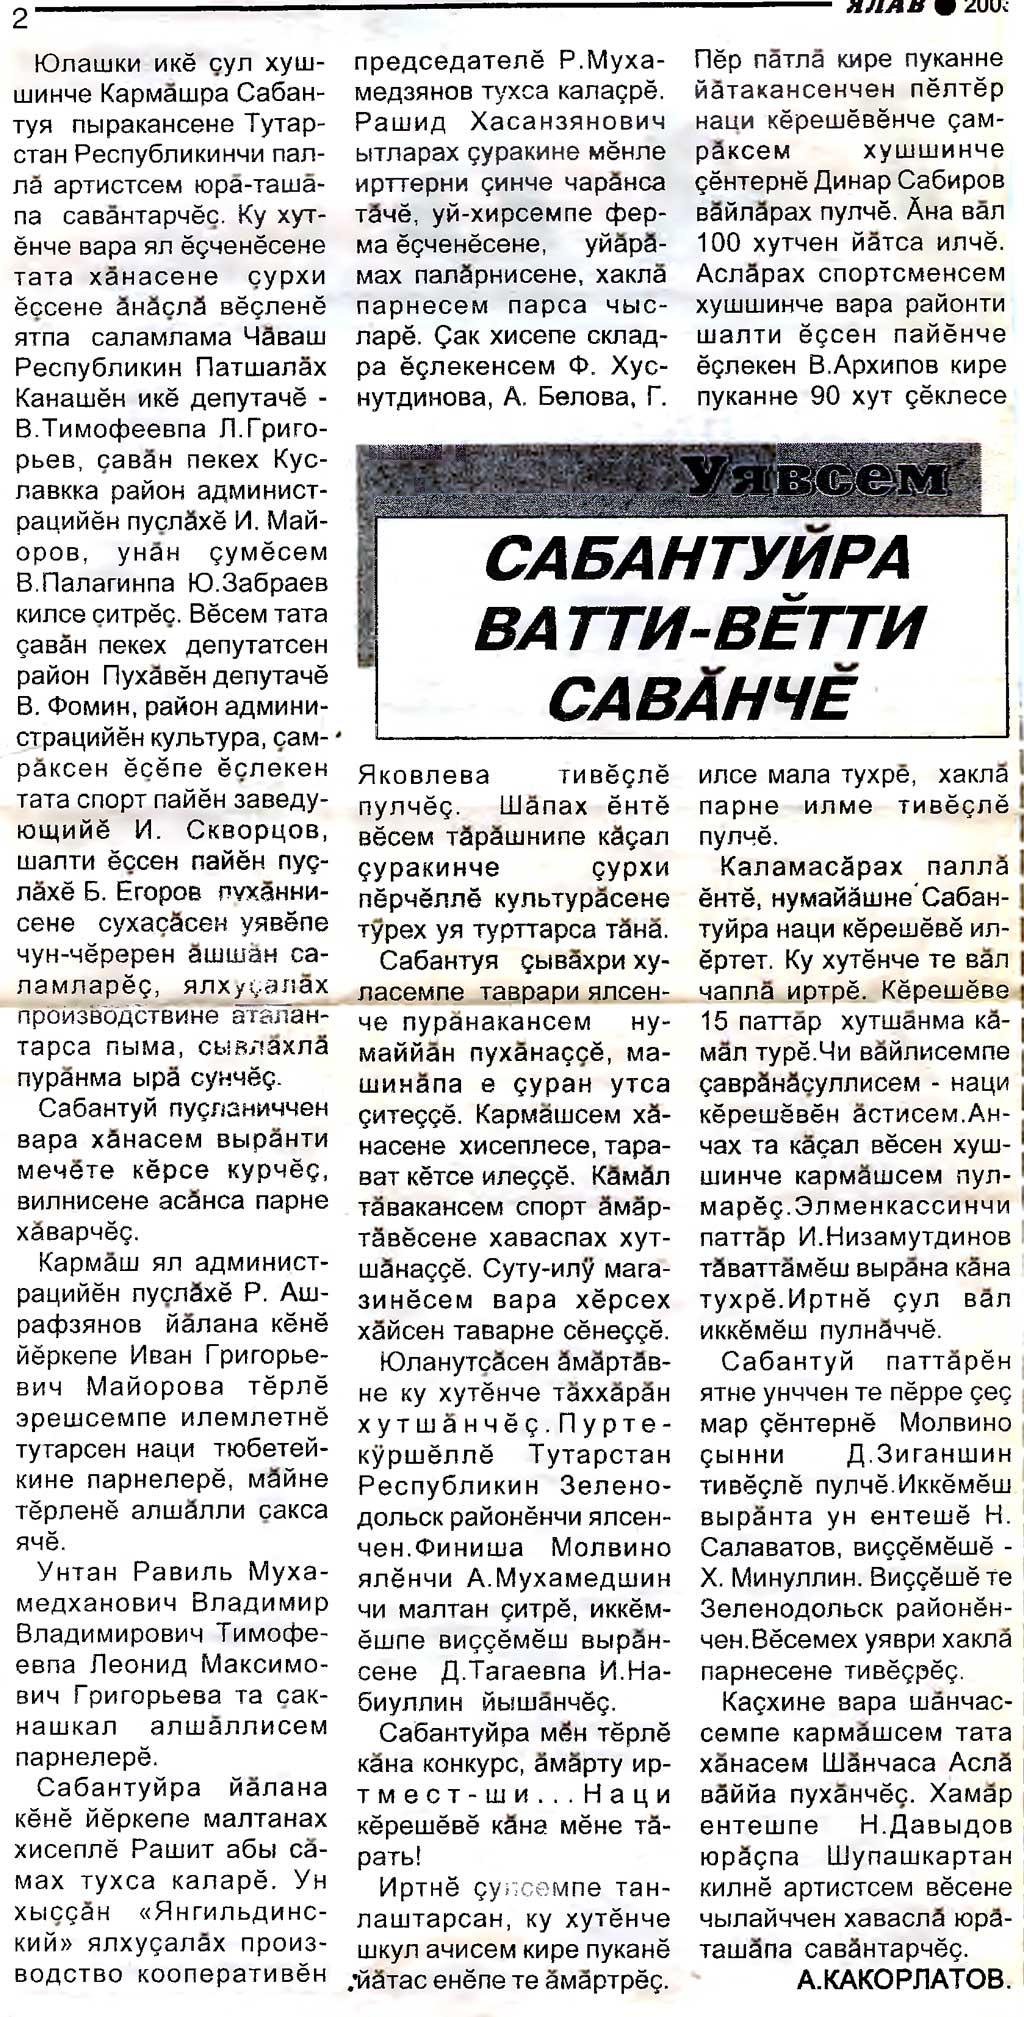 Статья в газете Знамя